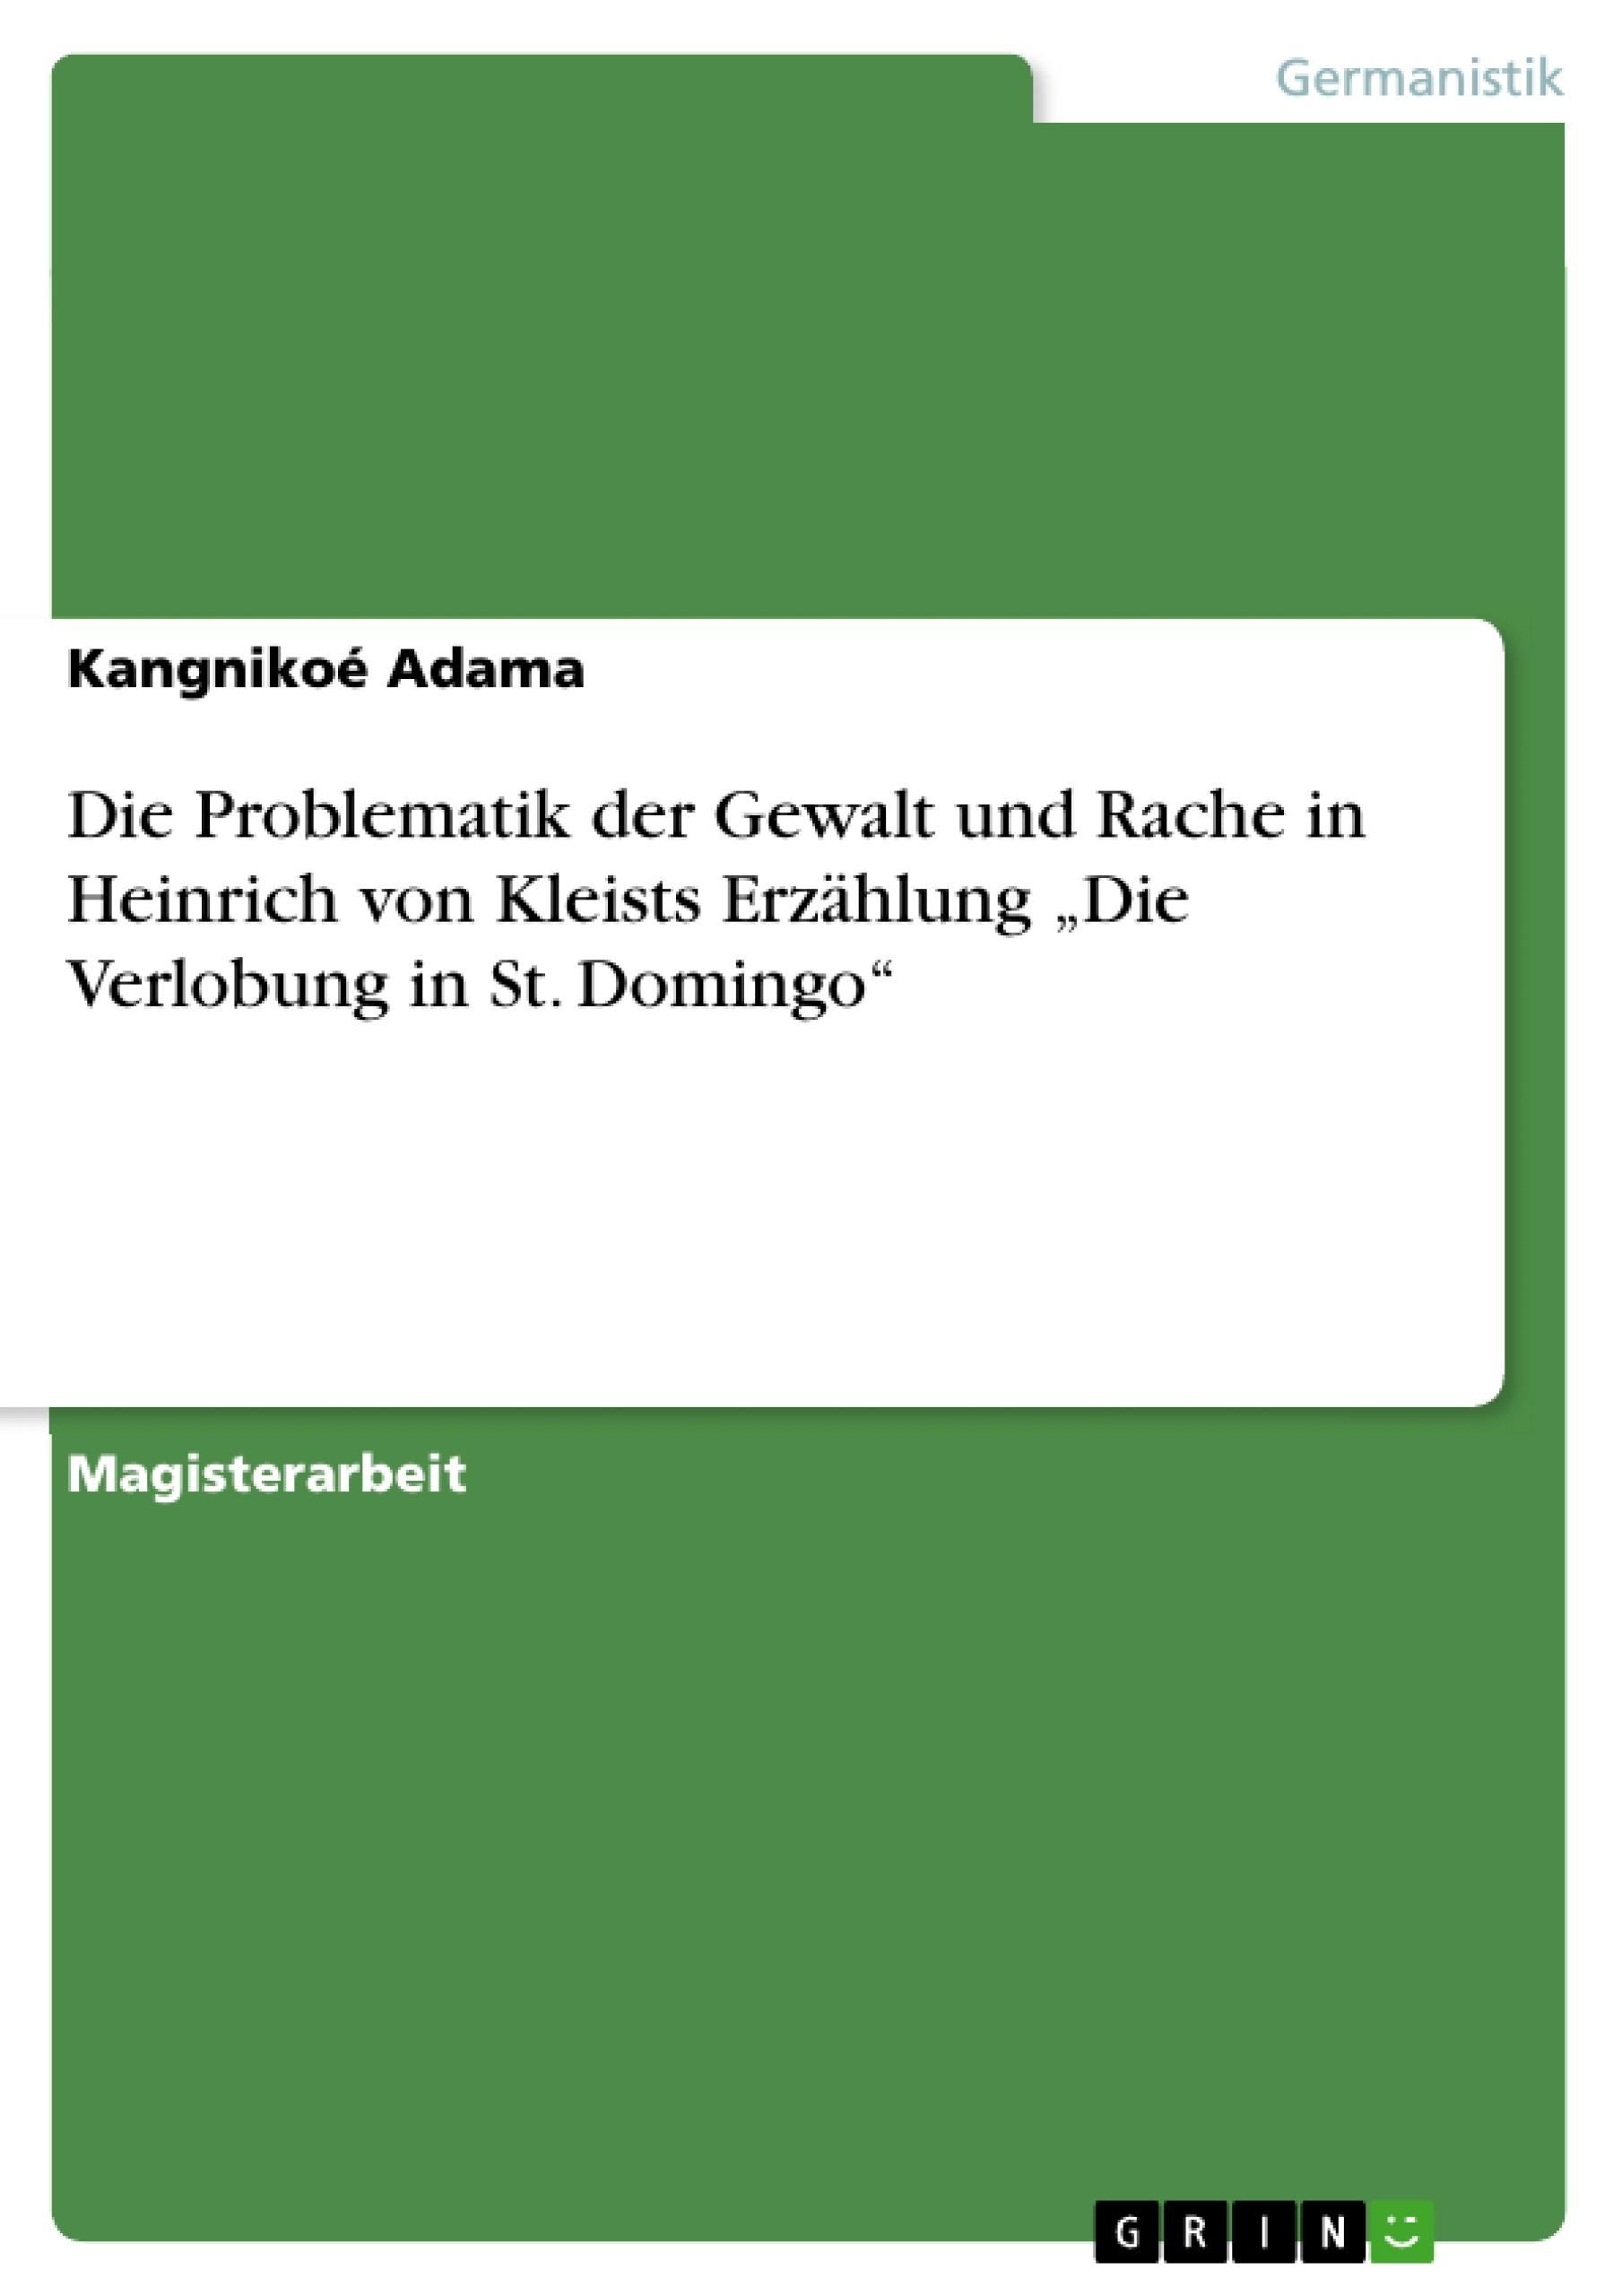 """Titel: Die Problematik der Gewalt und Rache in Heinrich von Kleists Erzählung """"Die Verlobung in St. Domingo"""""""